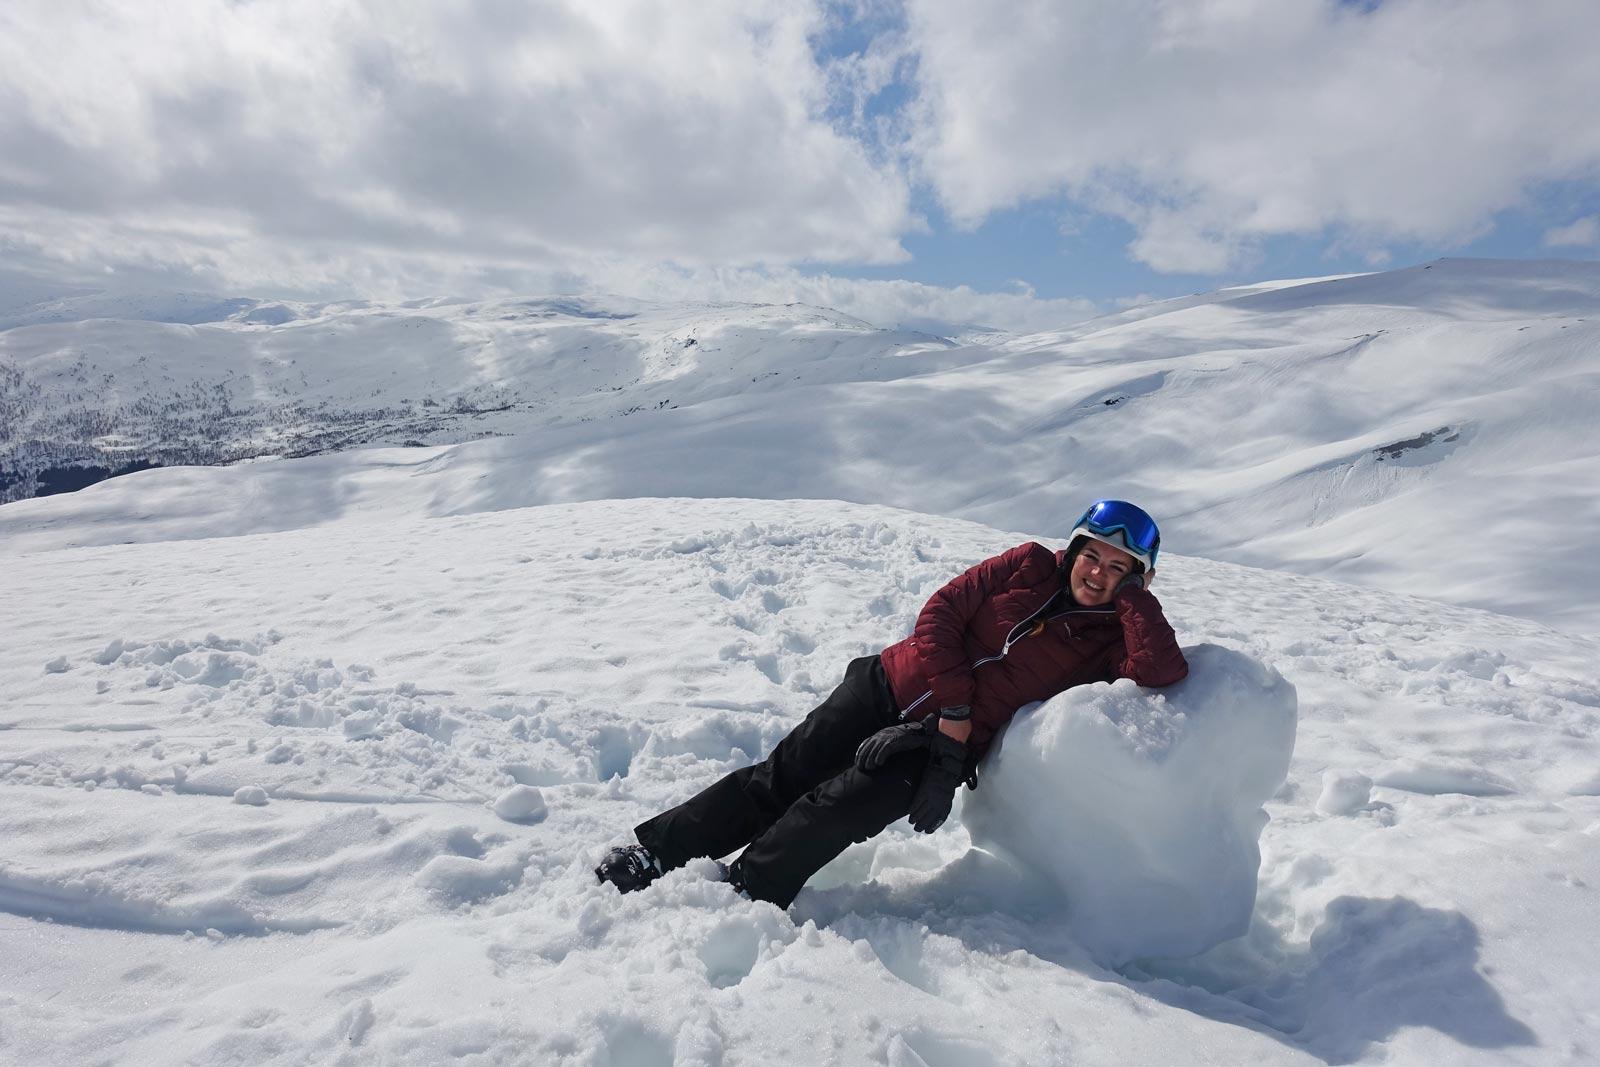 Liggen op een sneeuwbal